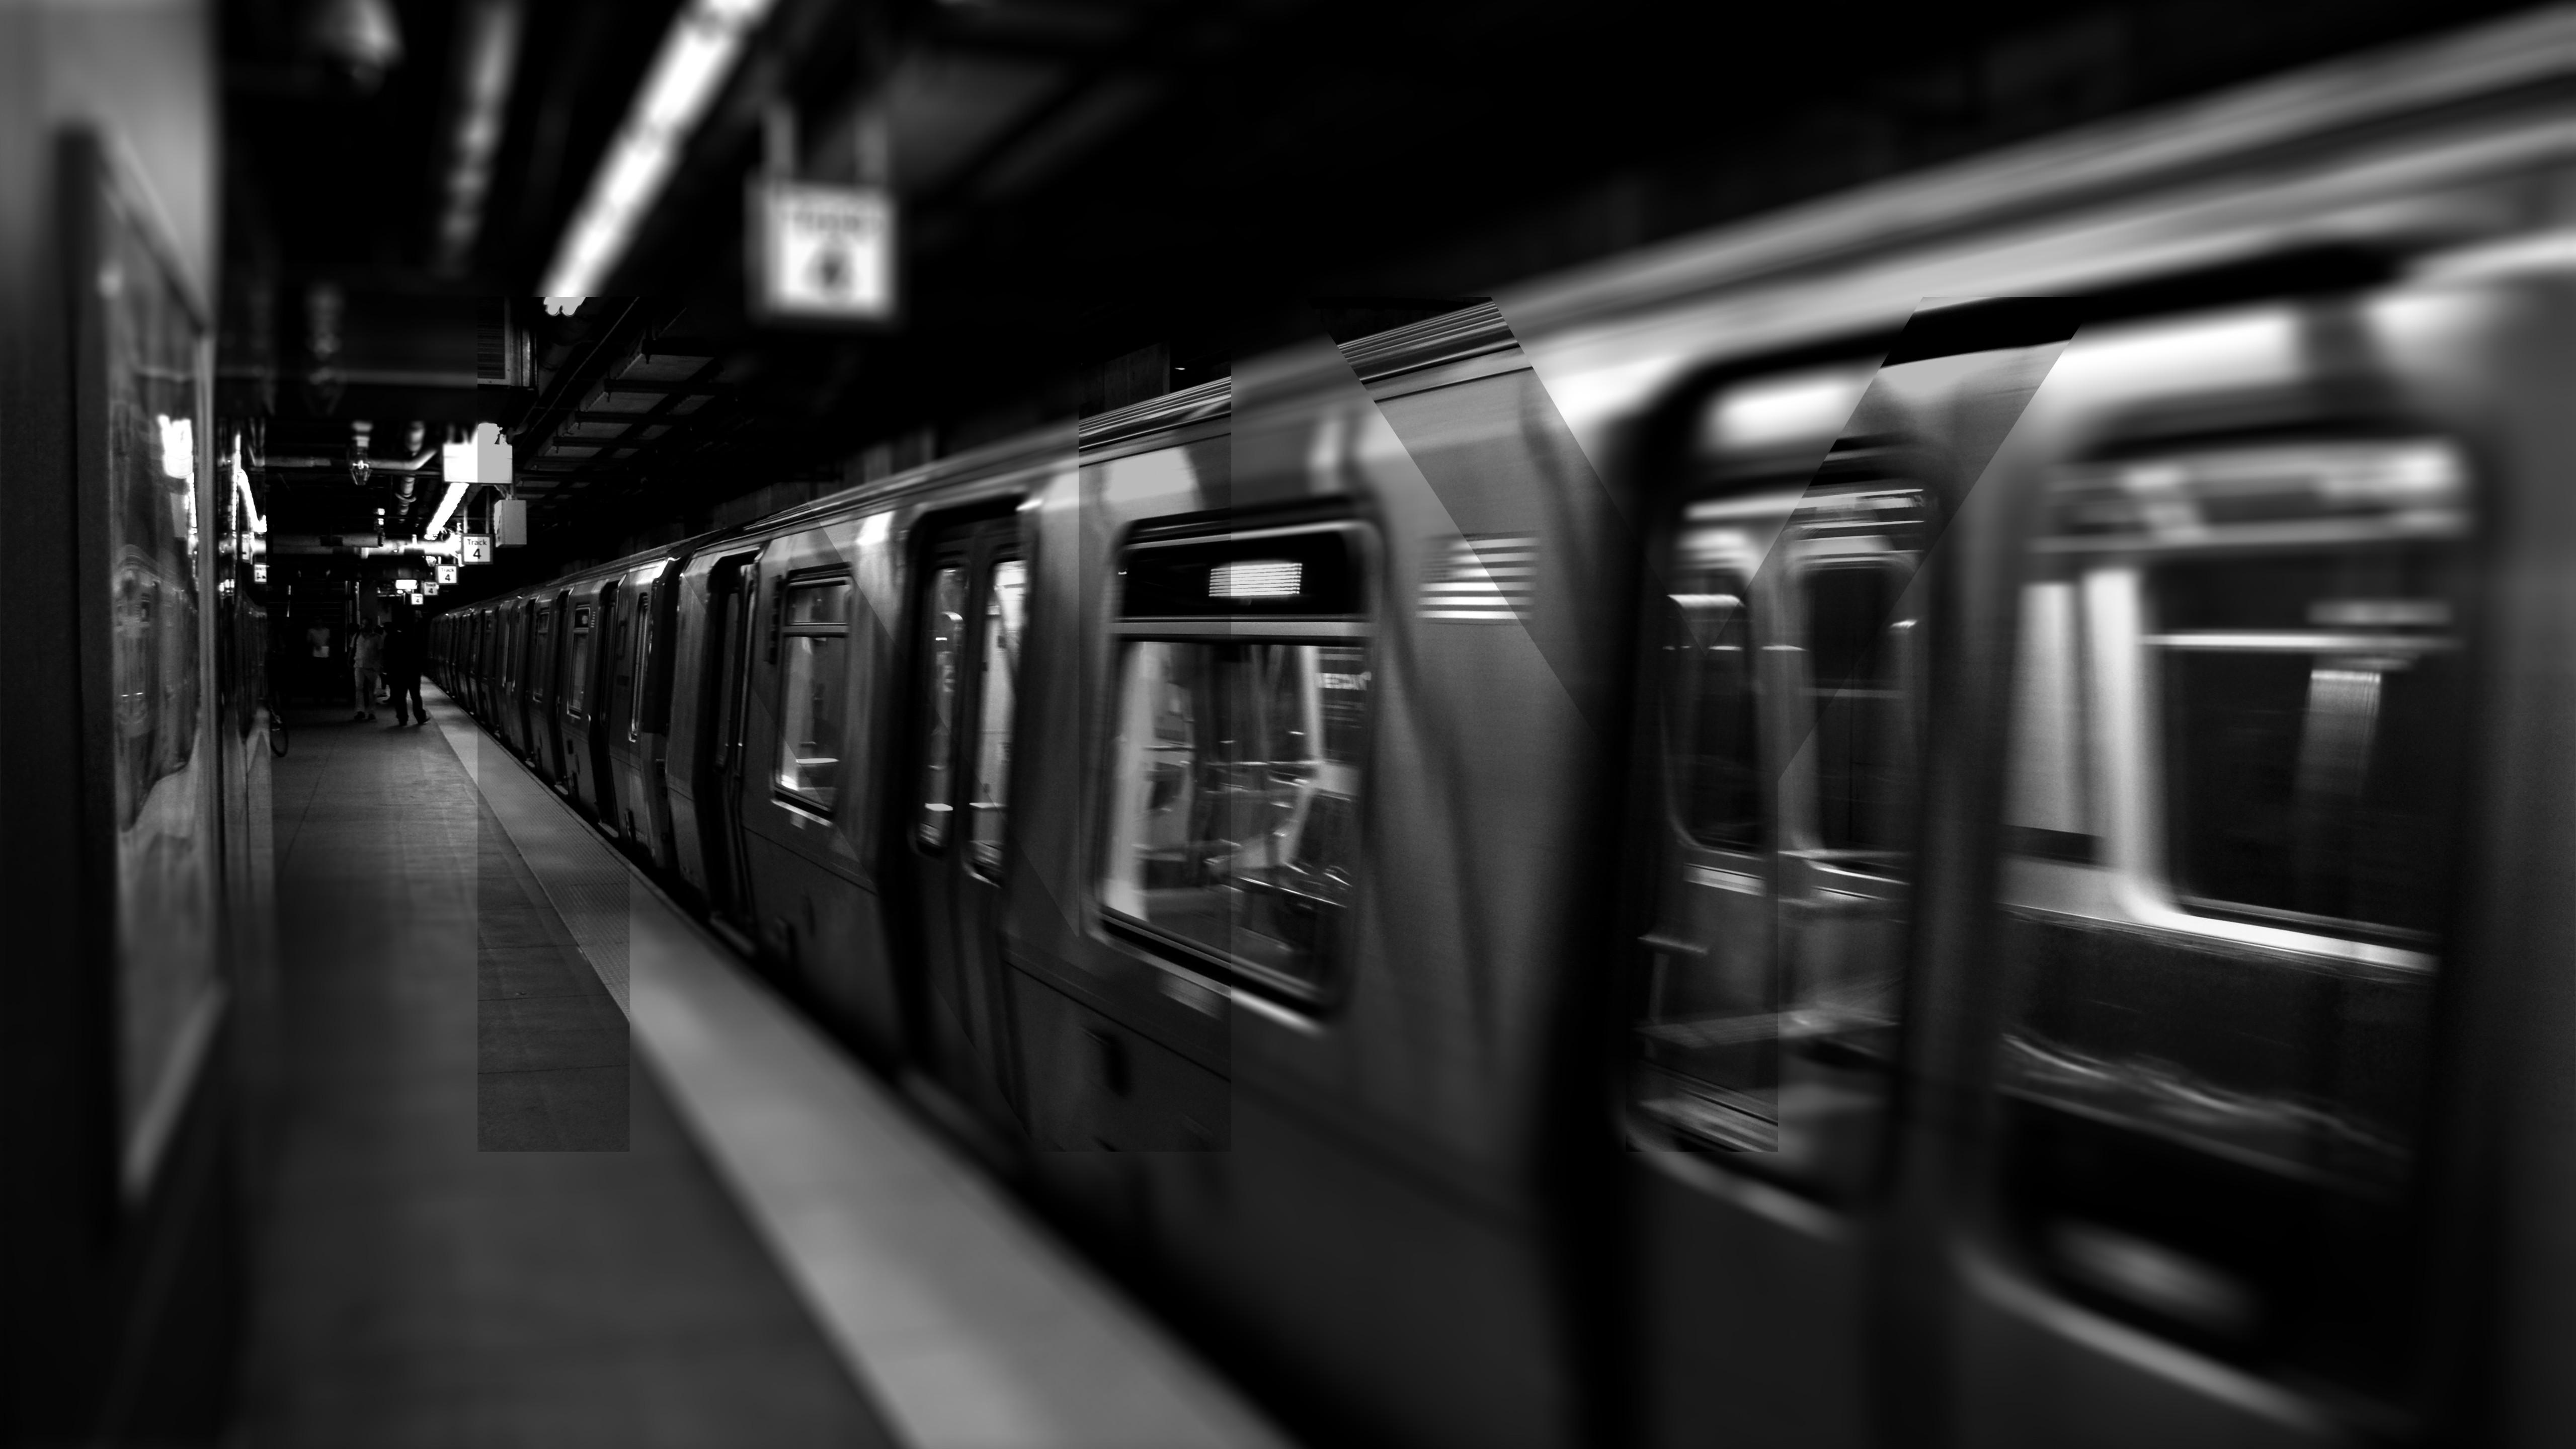 Wallpaper : Vehicle, Train, New York City, Subway, Metro